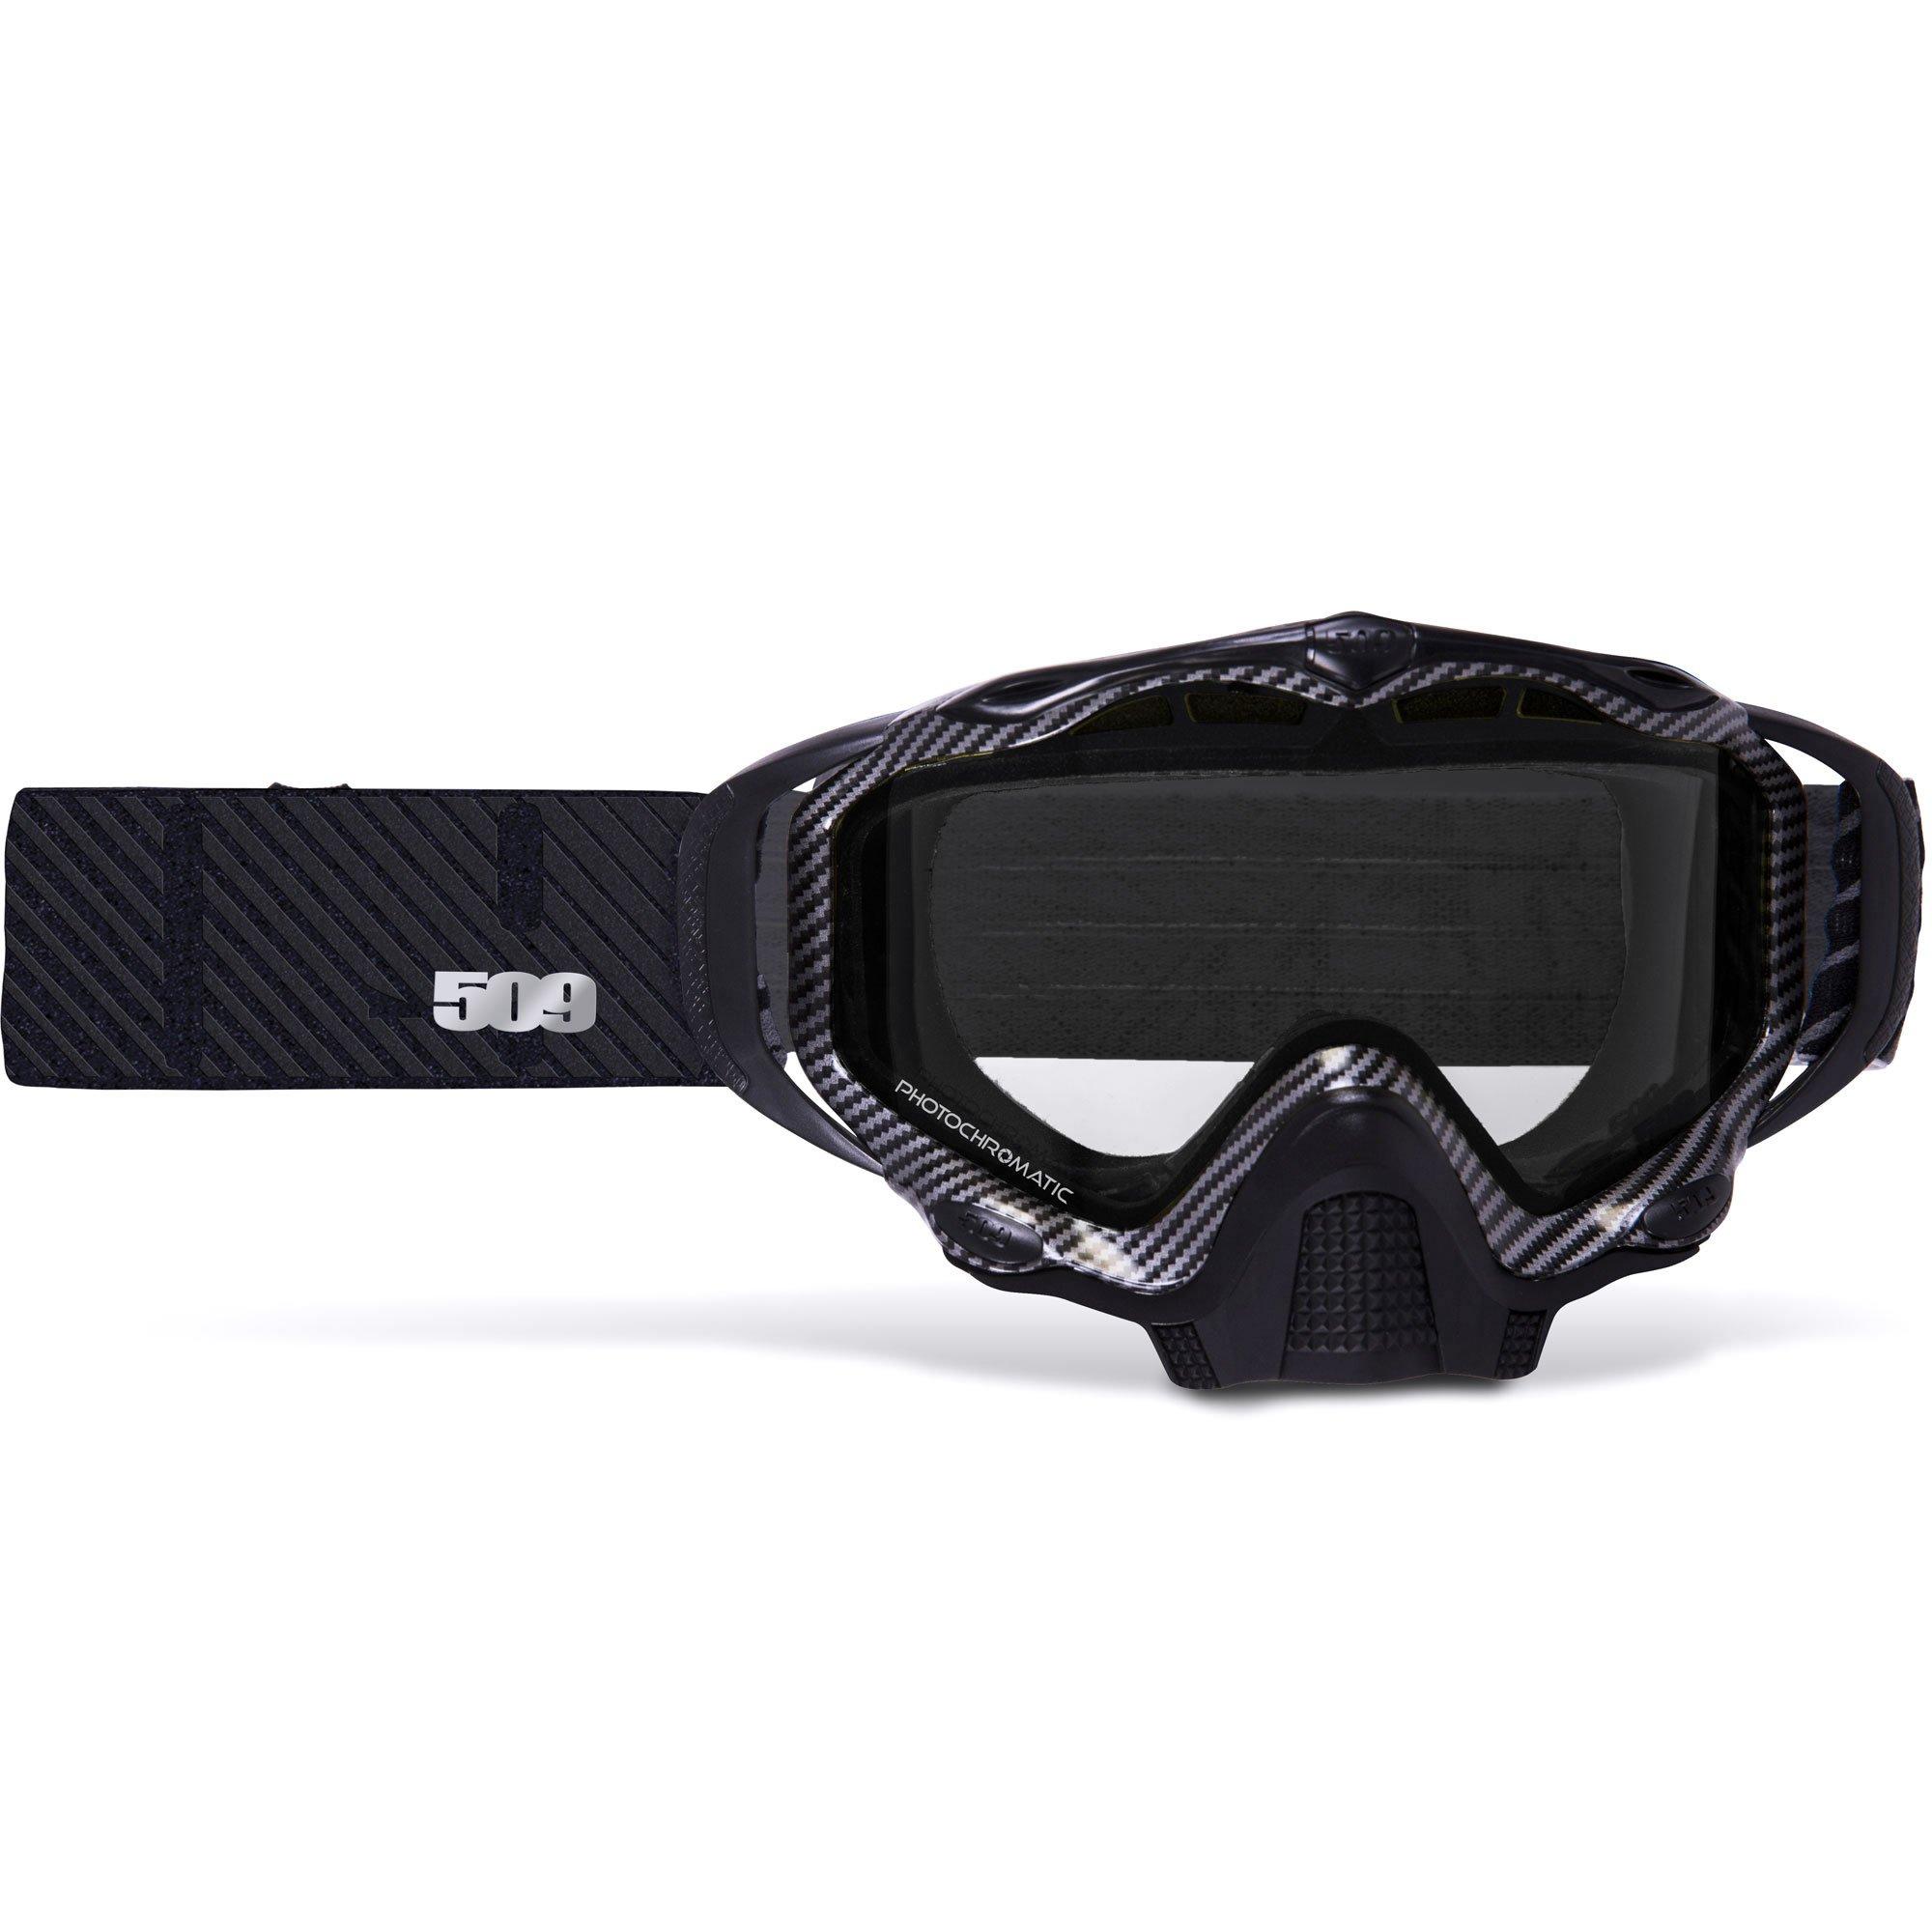 Очки снегоходные 509 SINISTER X5 Carbon Fiber